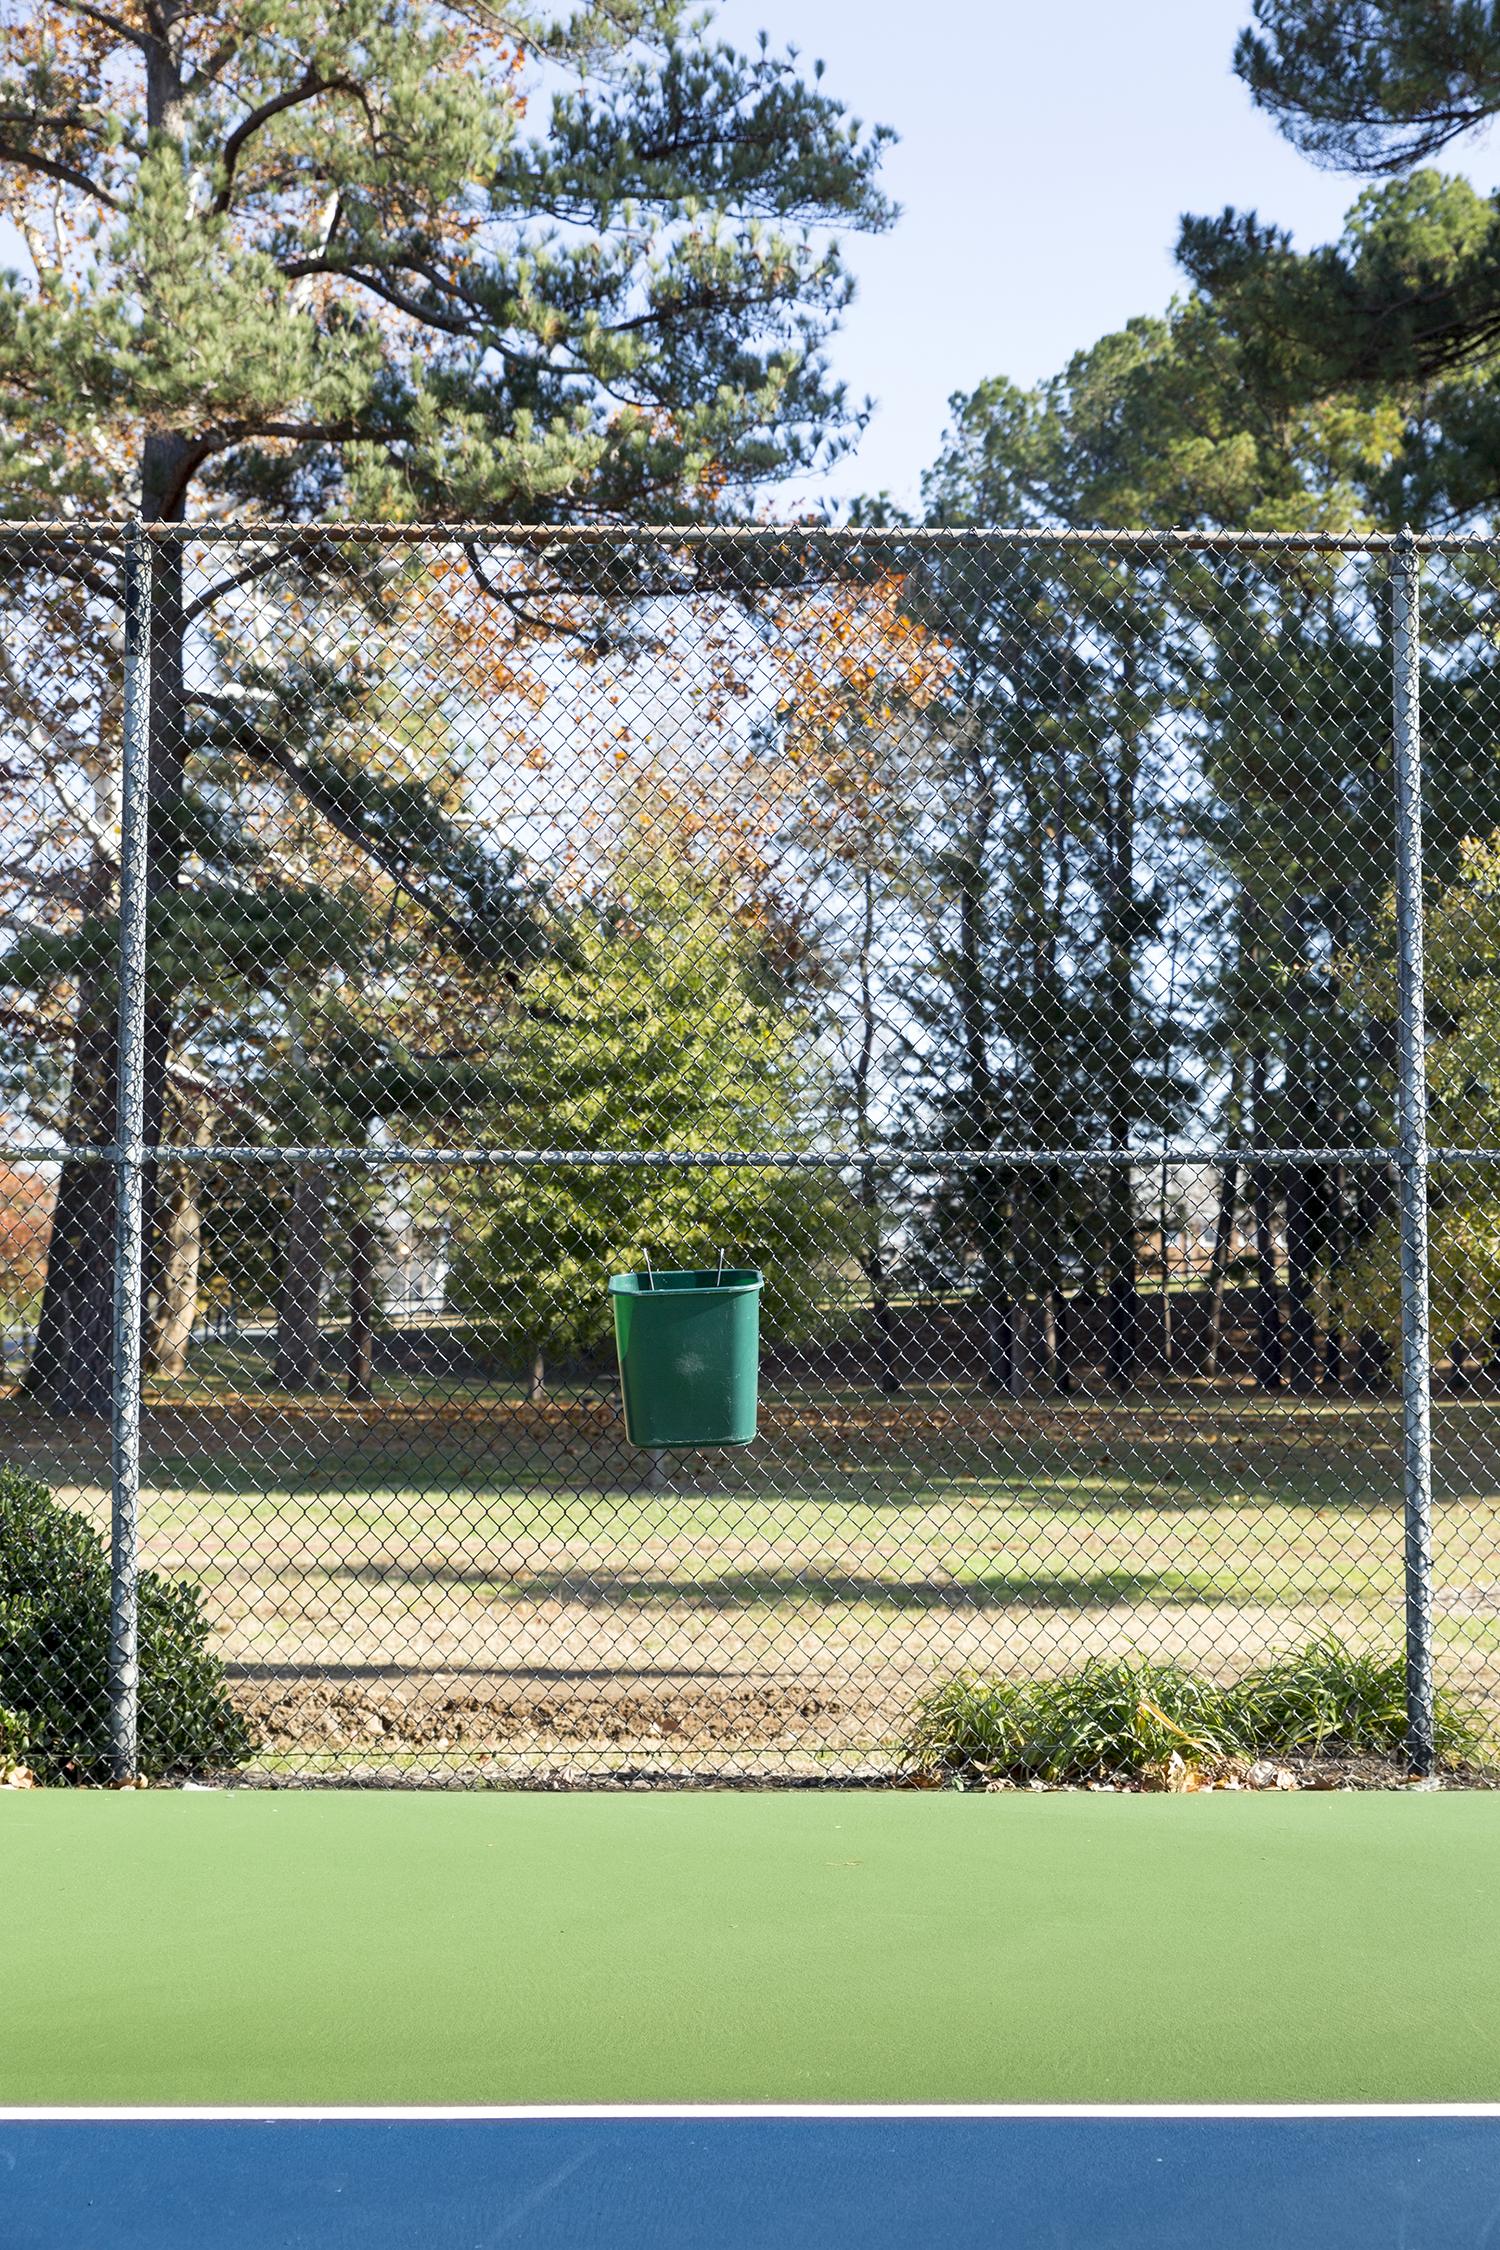 TennisCourt_Kenmore_Fall_0001.jpg